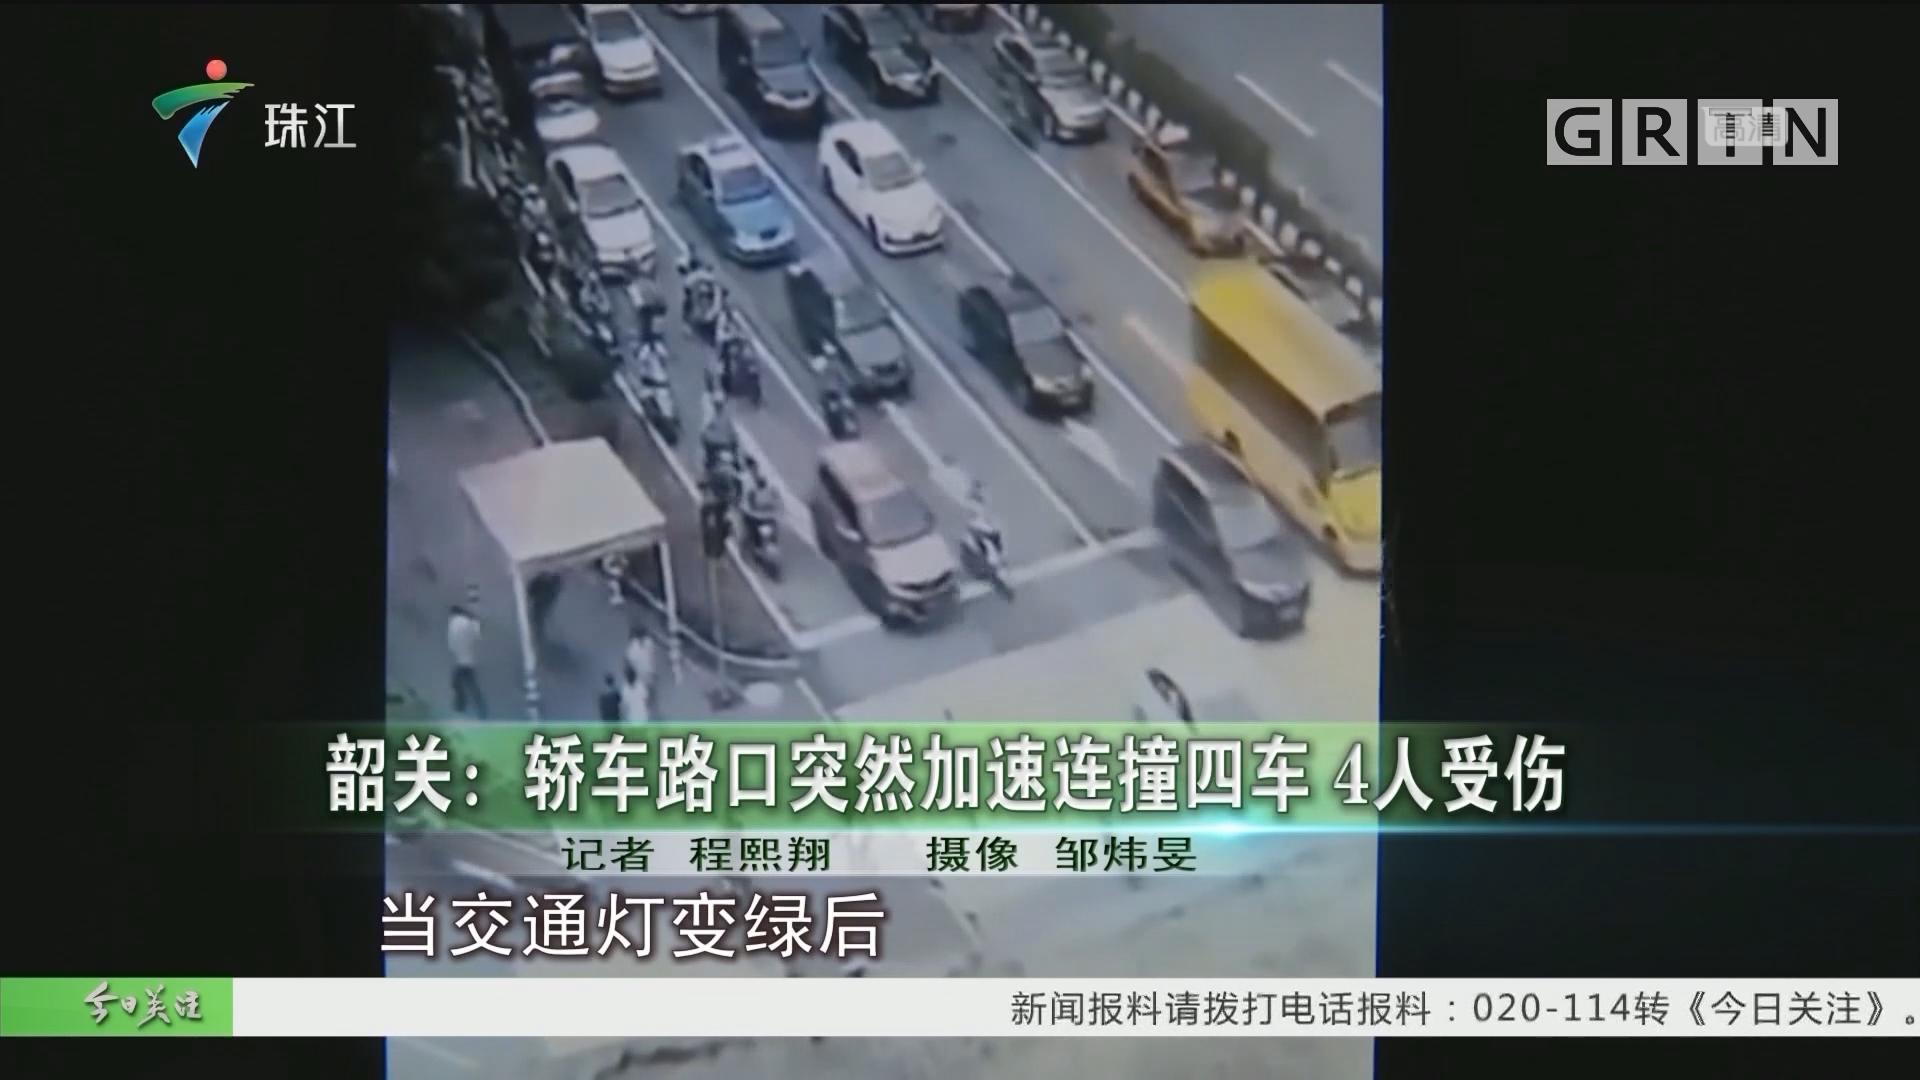 韶关:轿车路口突然加速连撞四车 4人受伤